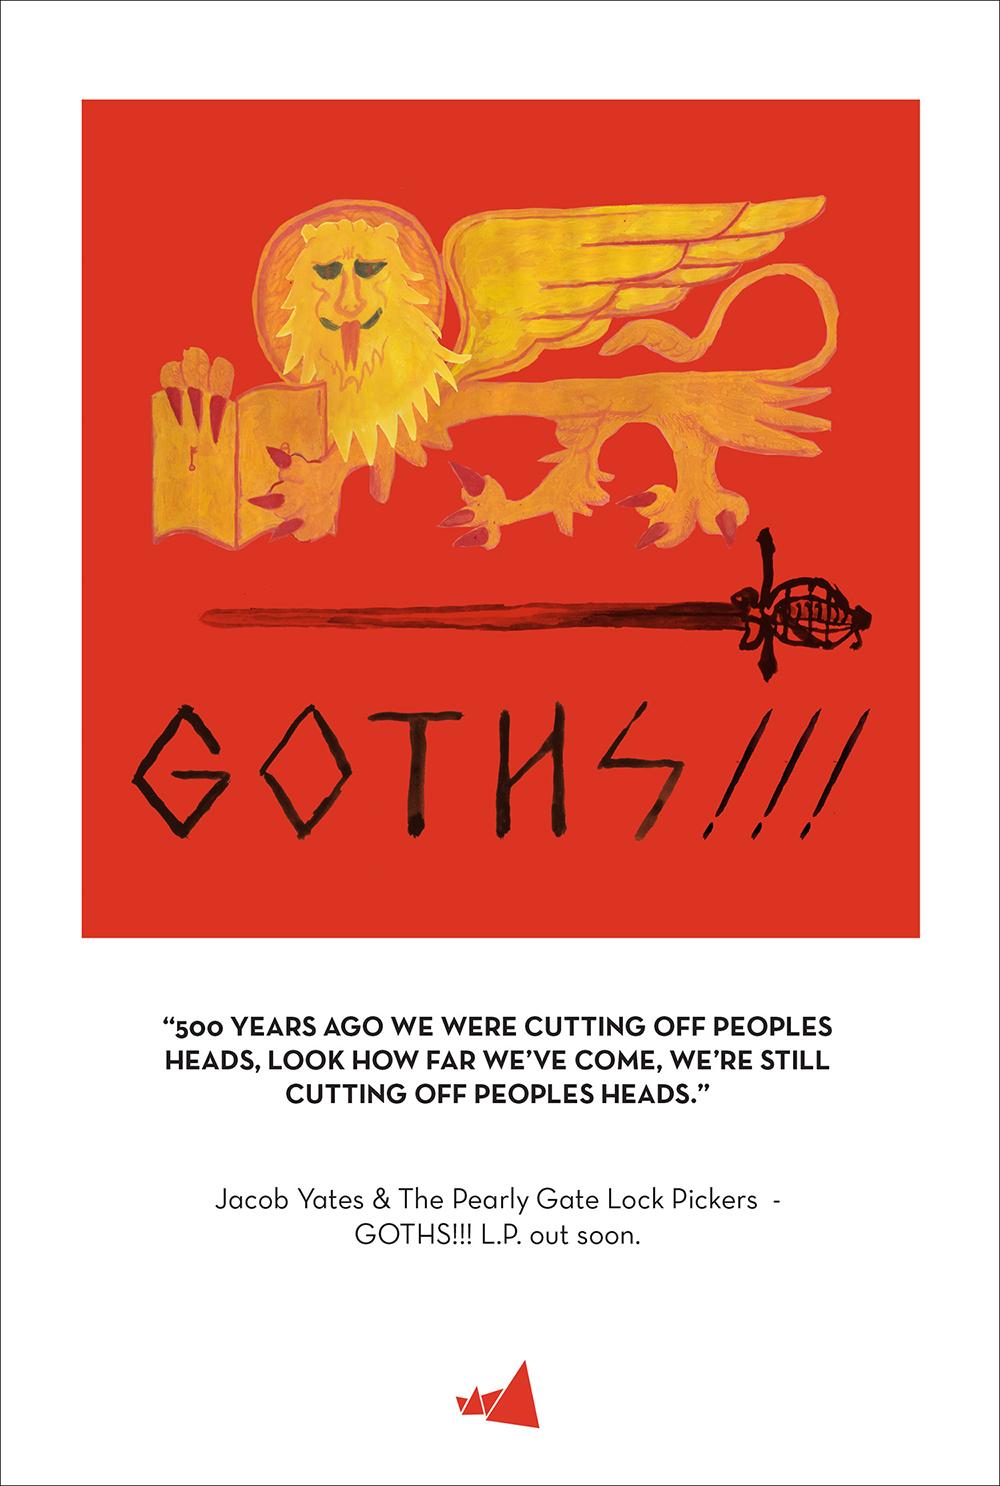 goths!!!-ad-1000-border.jpg